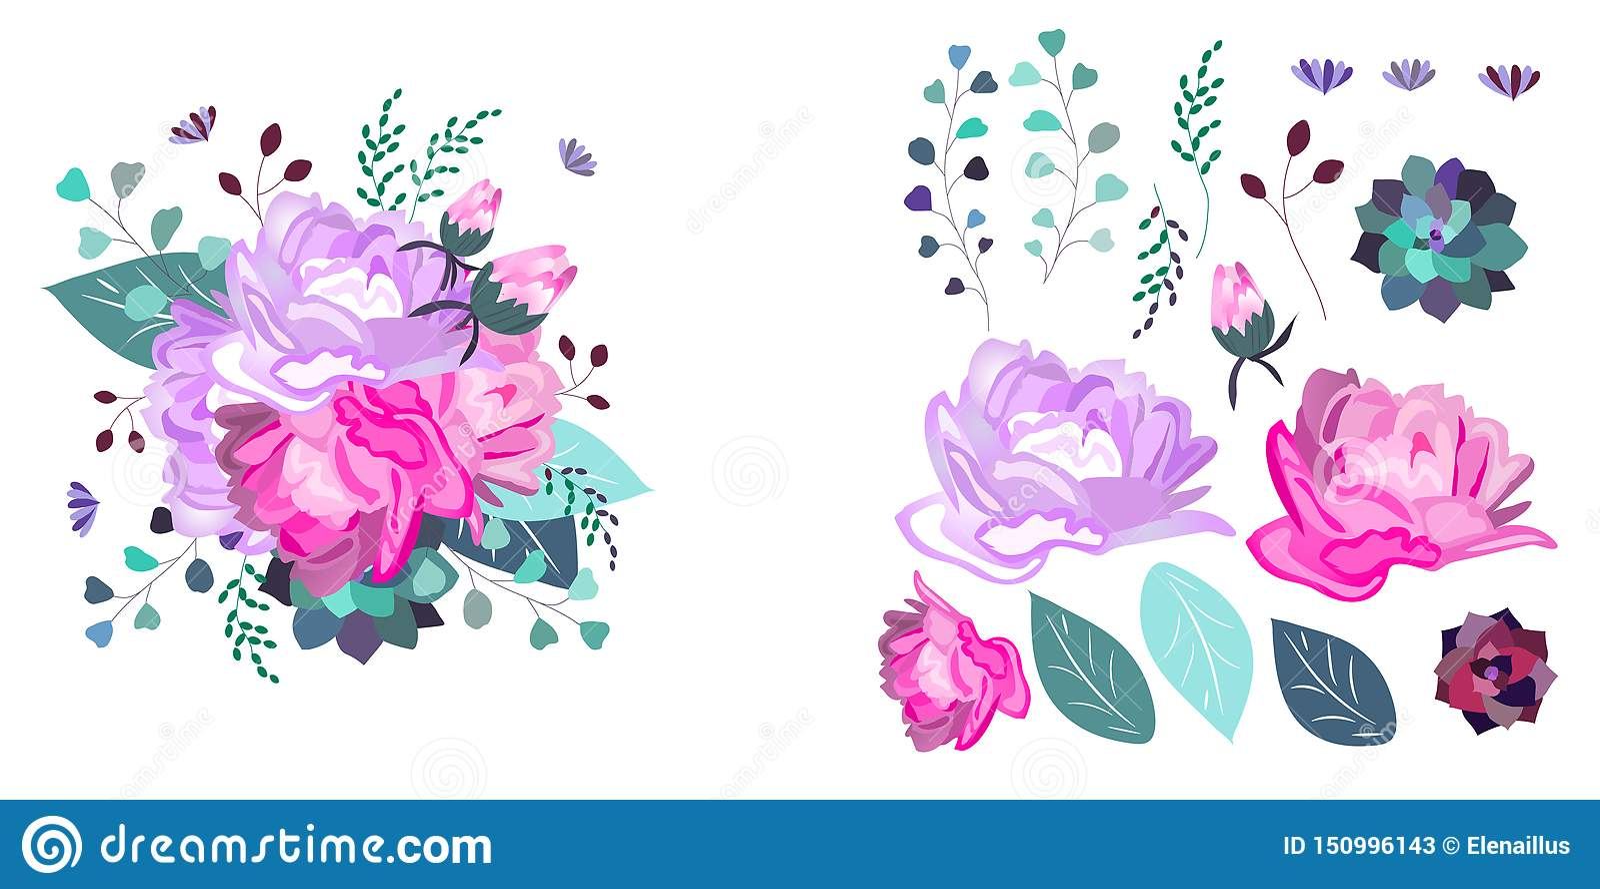 Composição floral do vetor e objetos isolados verão, mola, projeto da celebração